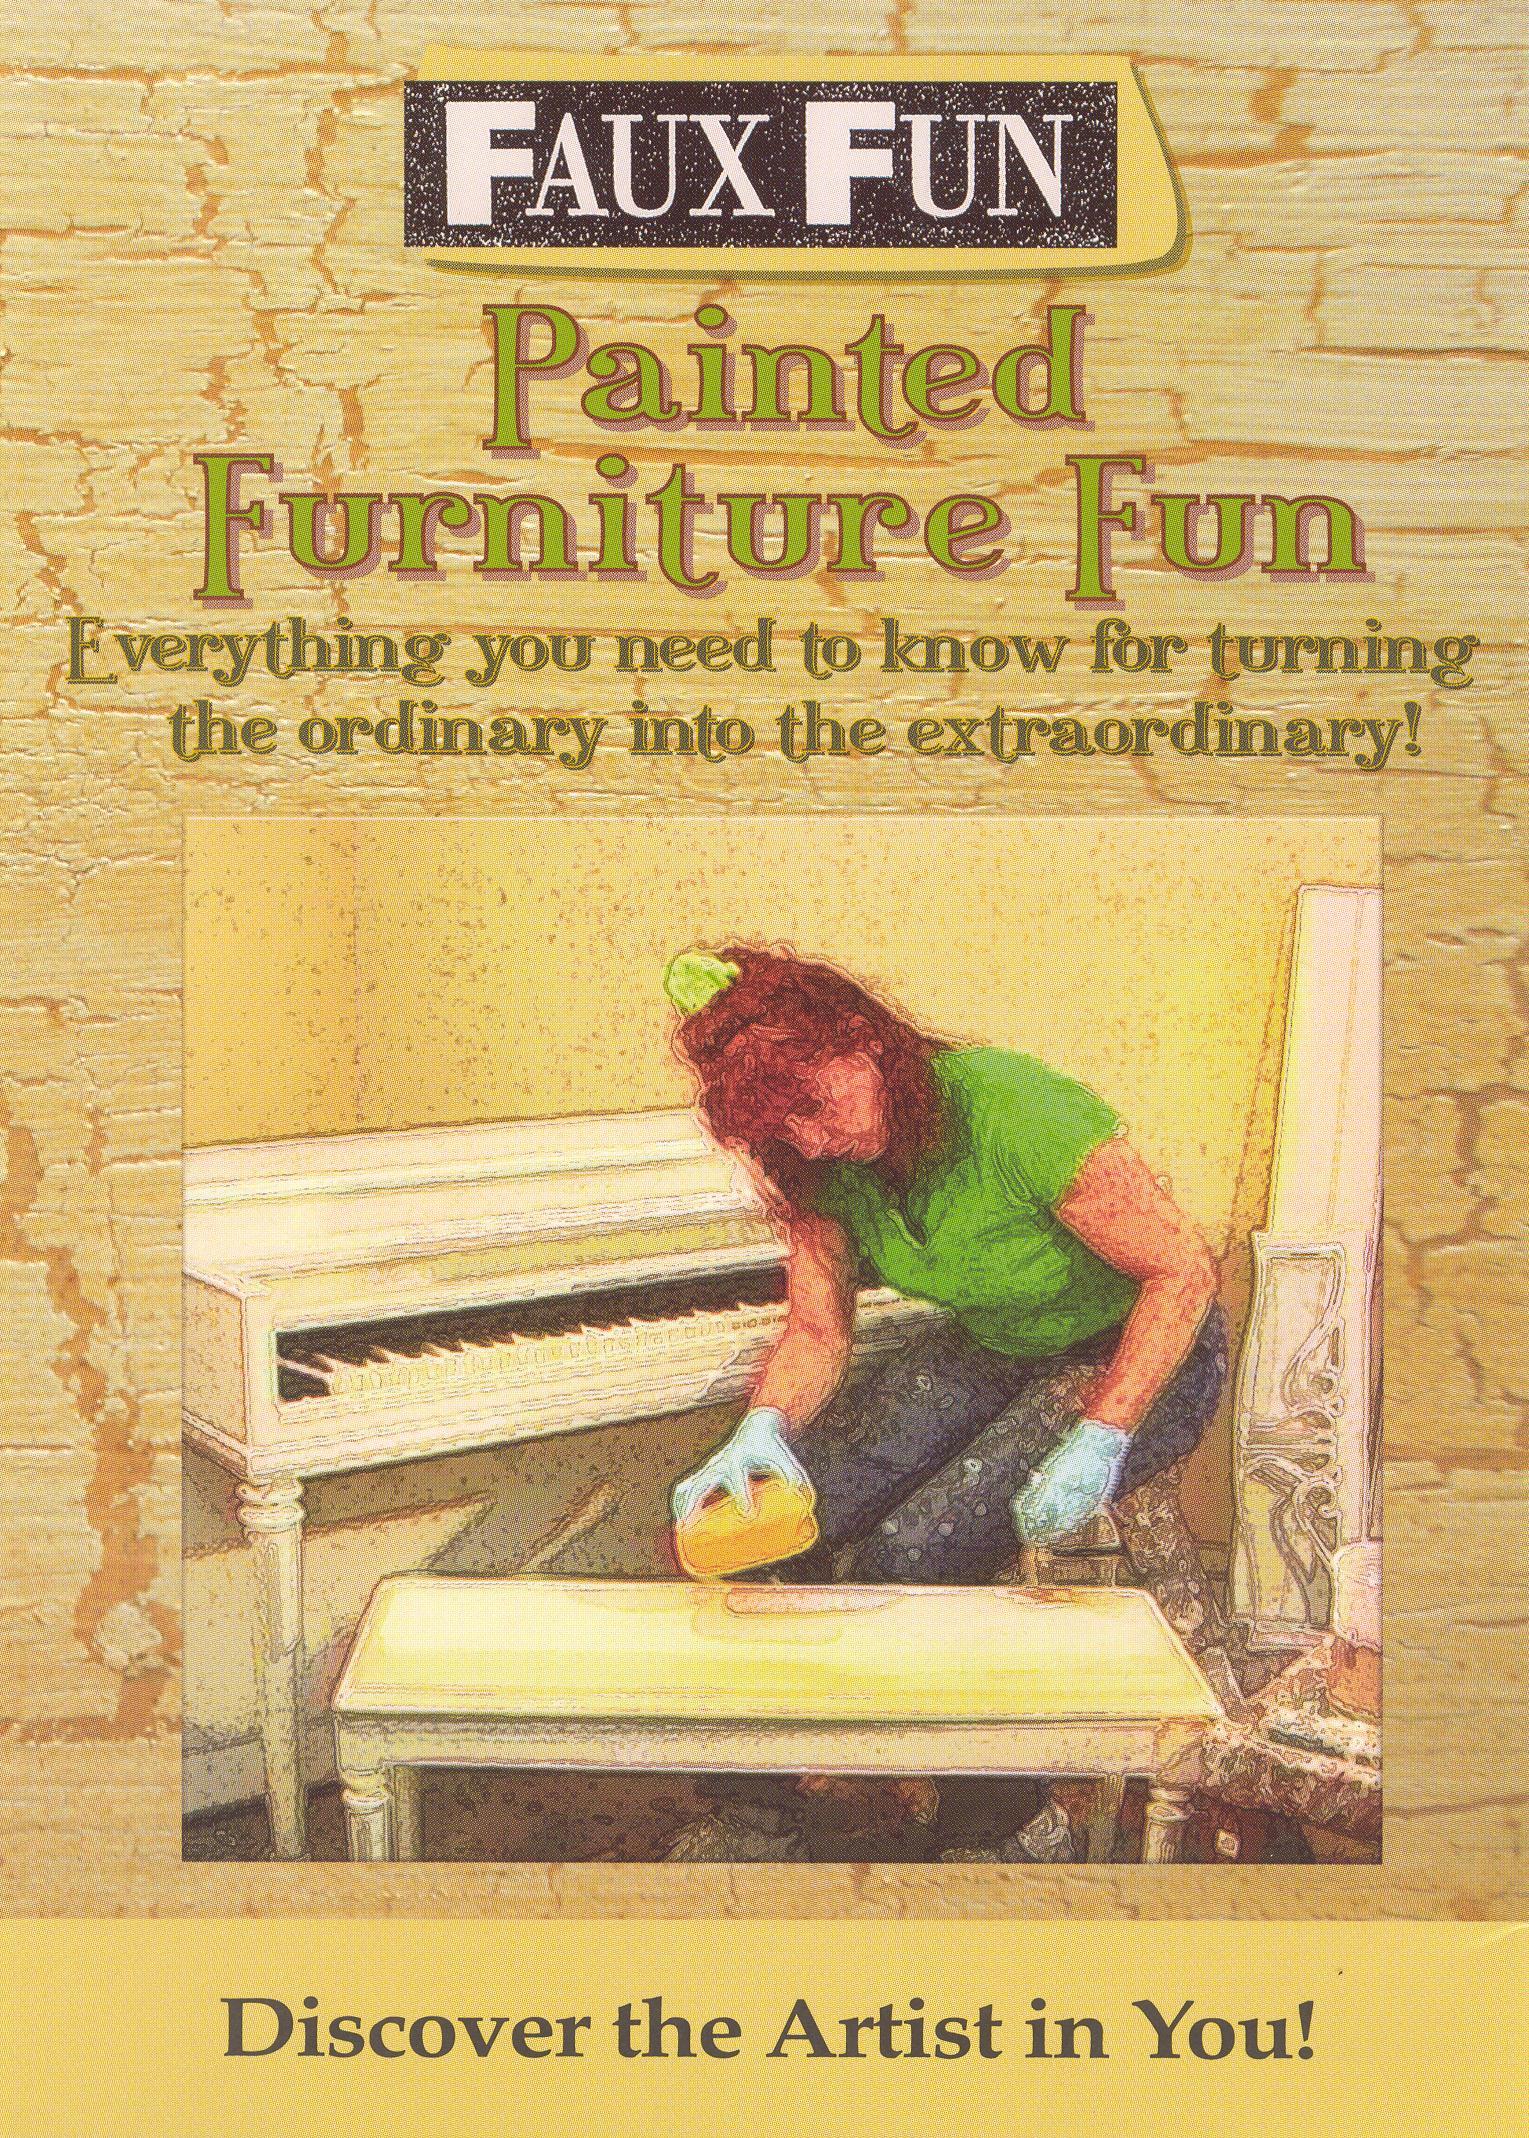 Faux Fun: Painted Furniture Fun